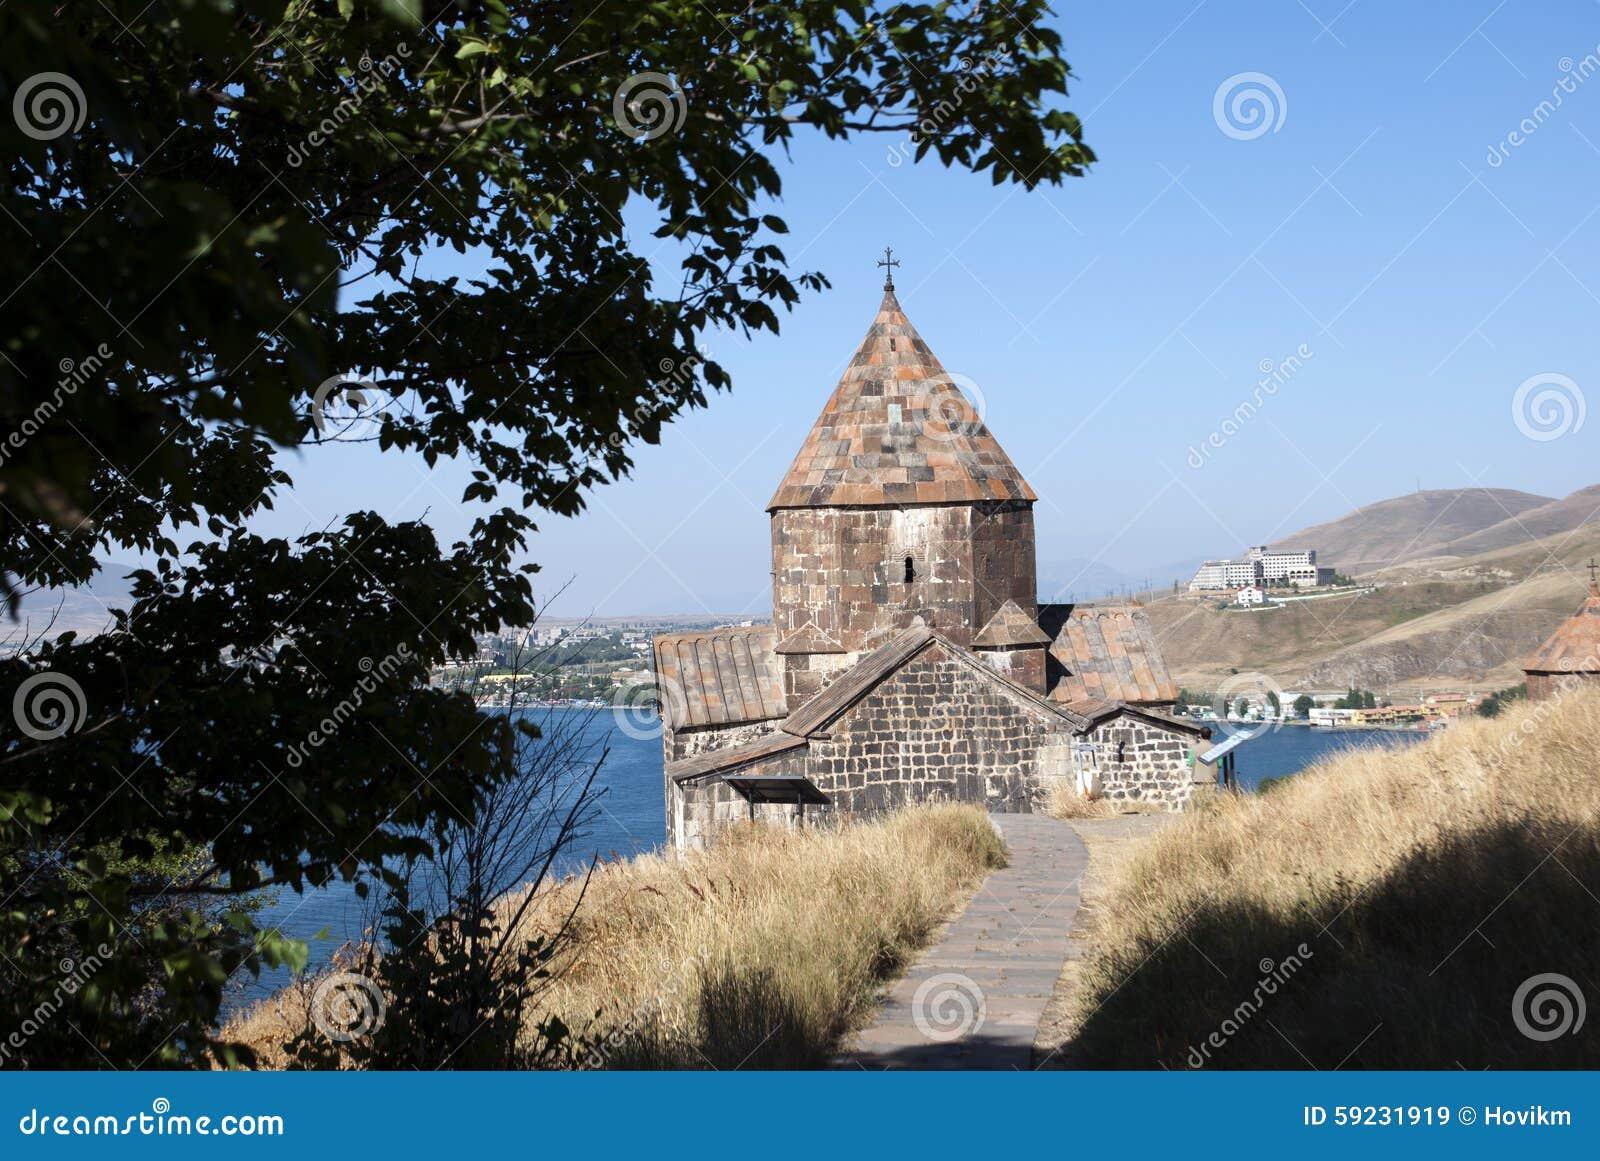 Download El Monasterio O El Sevanavank (iglesia) De La Isla En La Isla De Sevan, Armenia Imagen de archivo - Imagen de hija, permanezca: 59231919